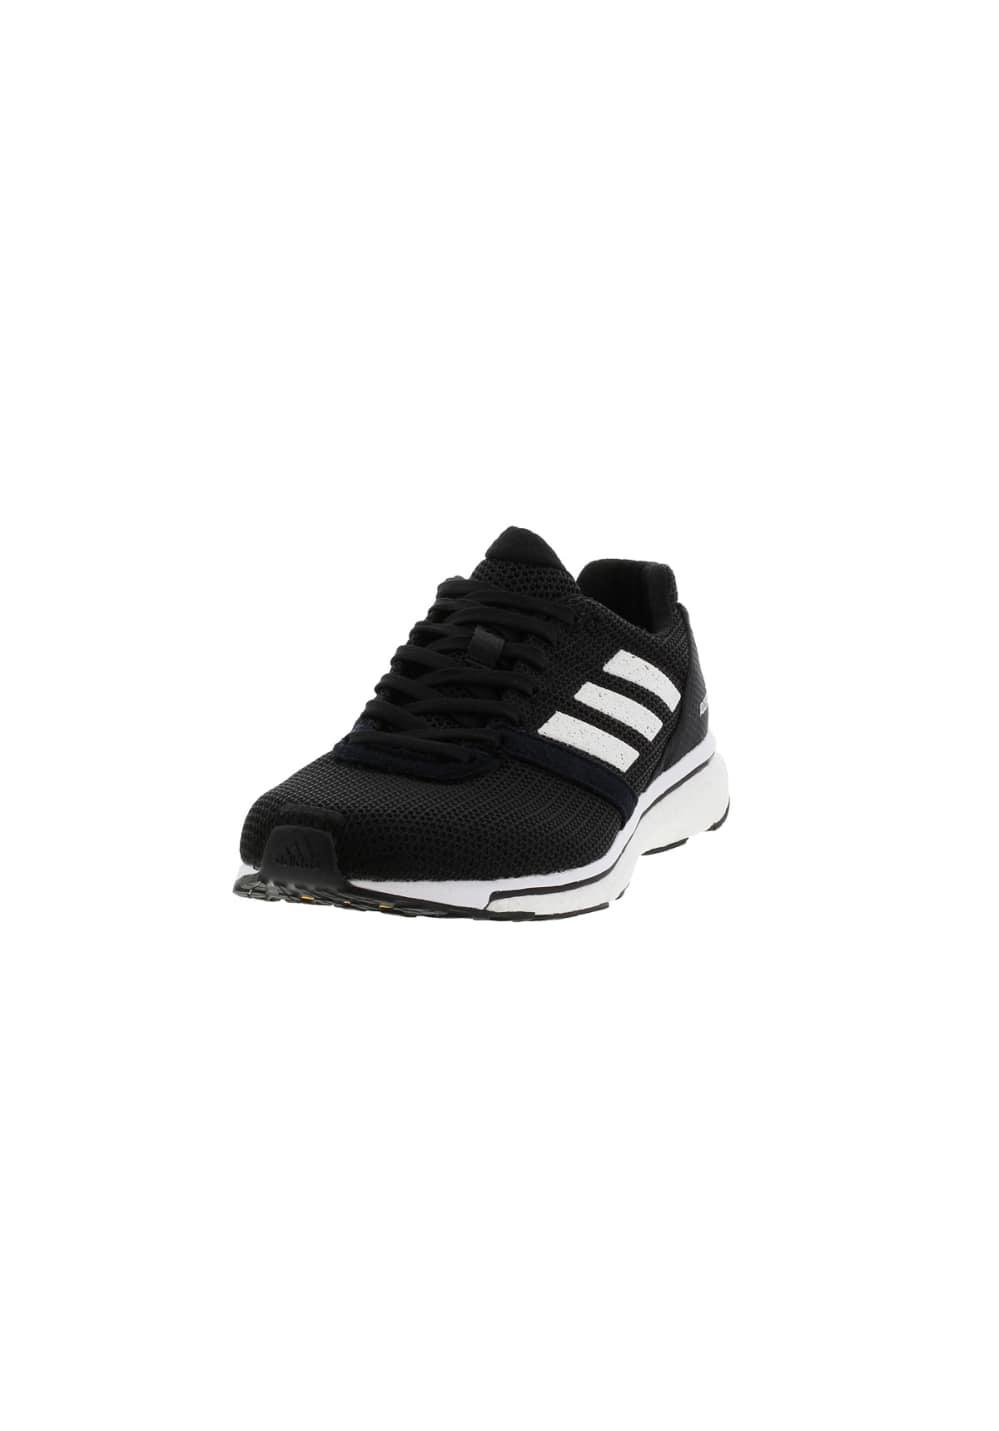 hot sale online 4ea3f bd55d Next. -60%. Dieses Produkt ist derzeit ausverkauft. adidas. adiZero Adios 4  - Laufschuhe ...